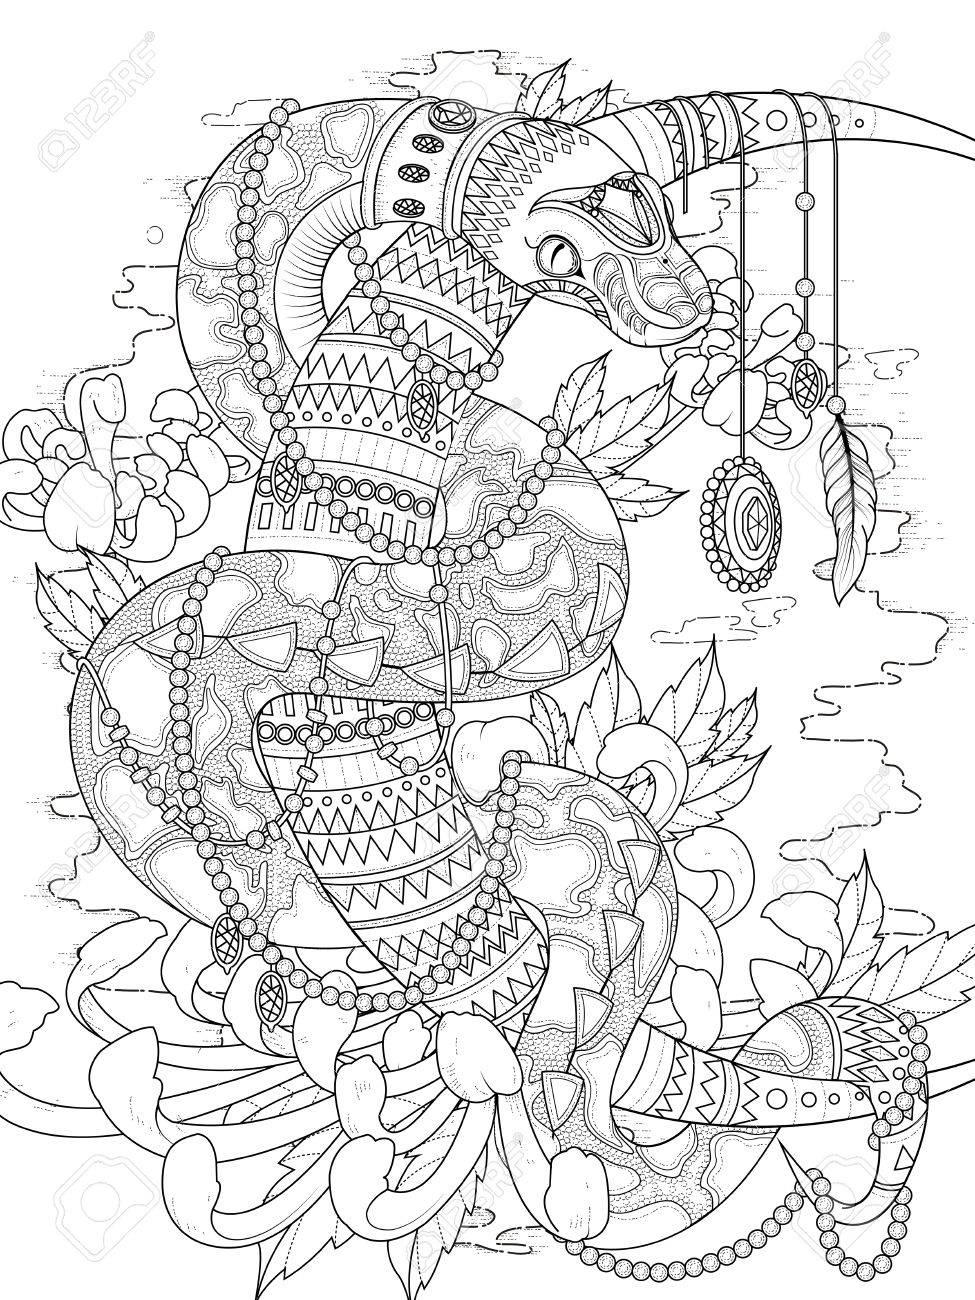 大人ぬりえページ ジュエリーと Higanbana の謎の蛇のイラスト素材